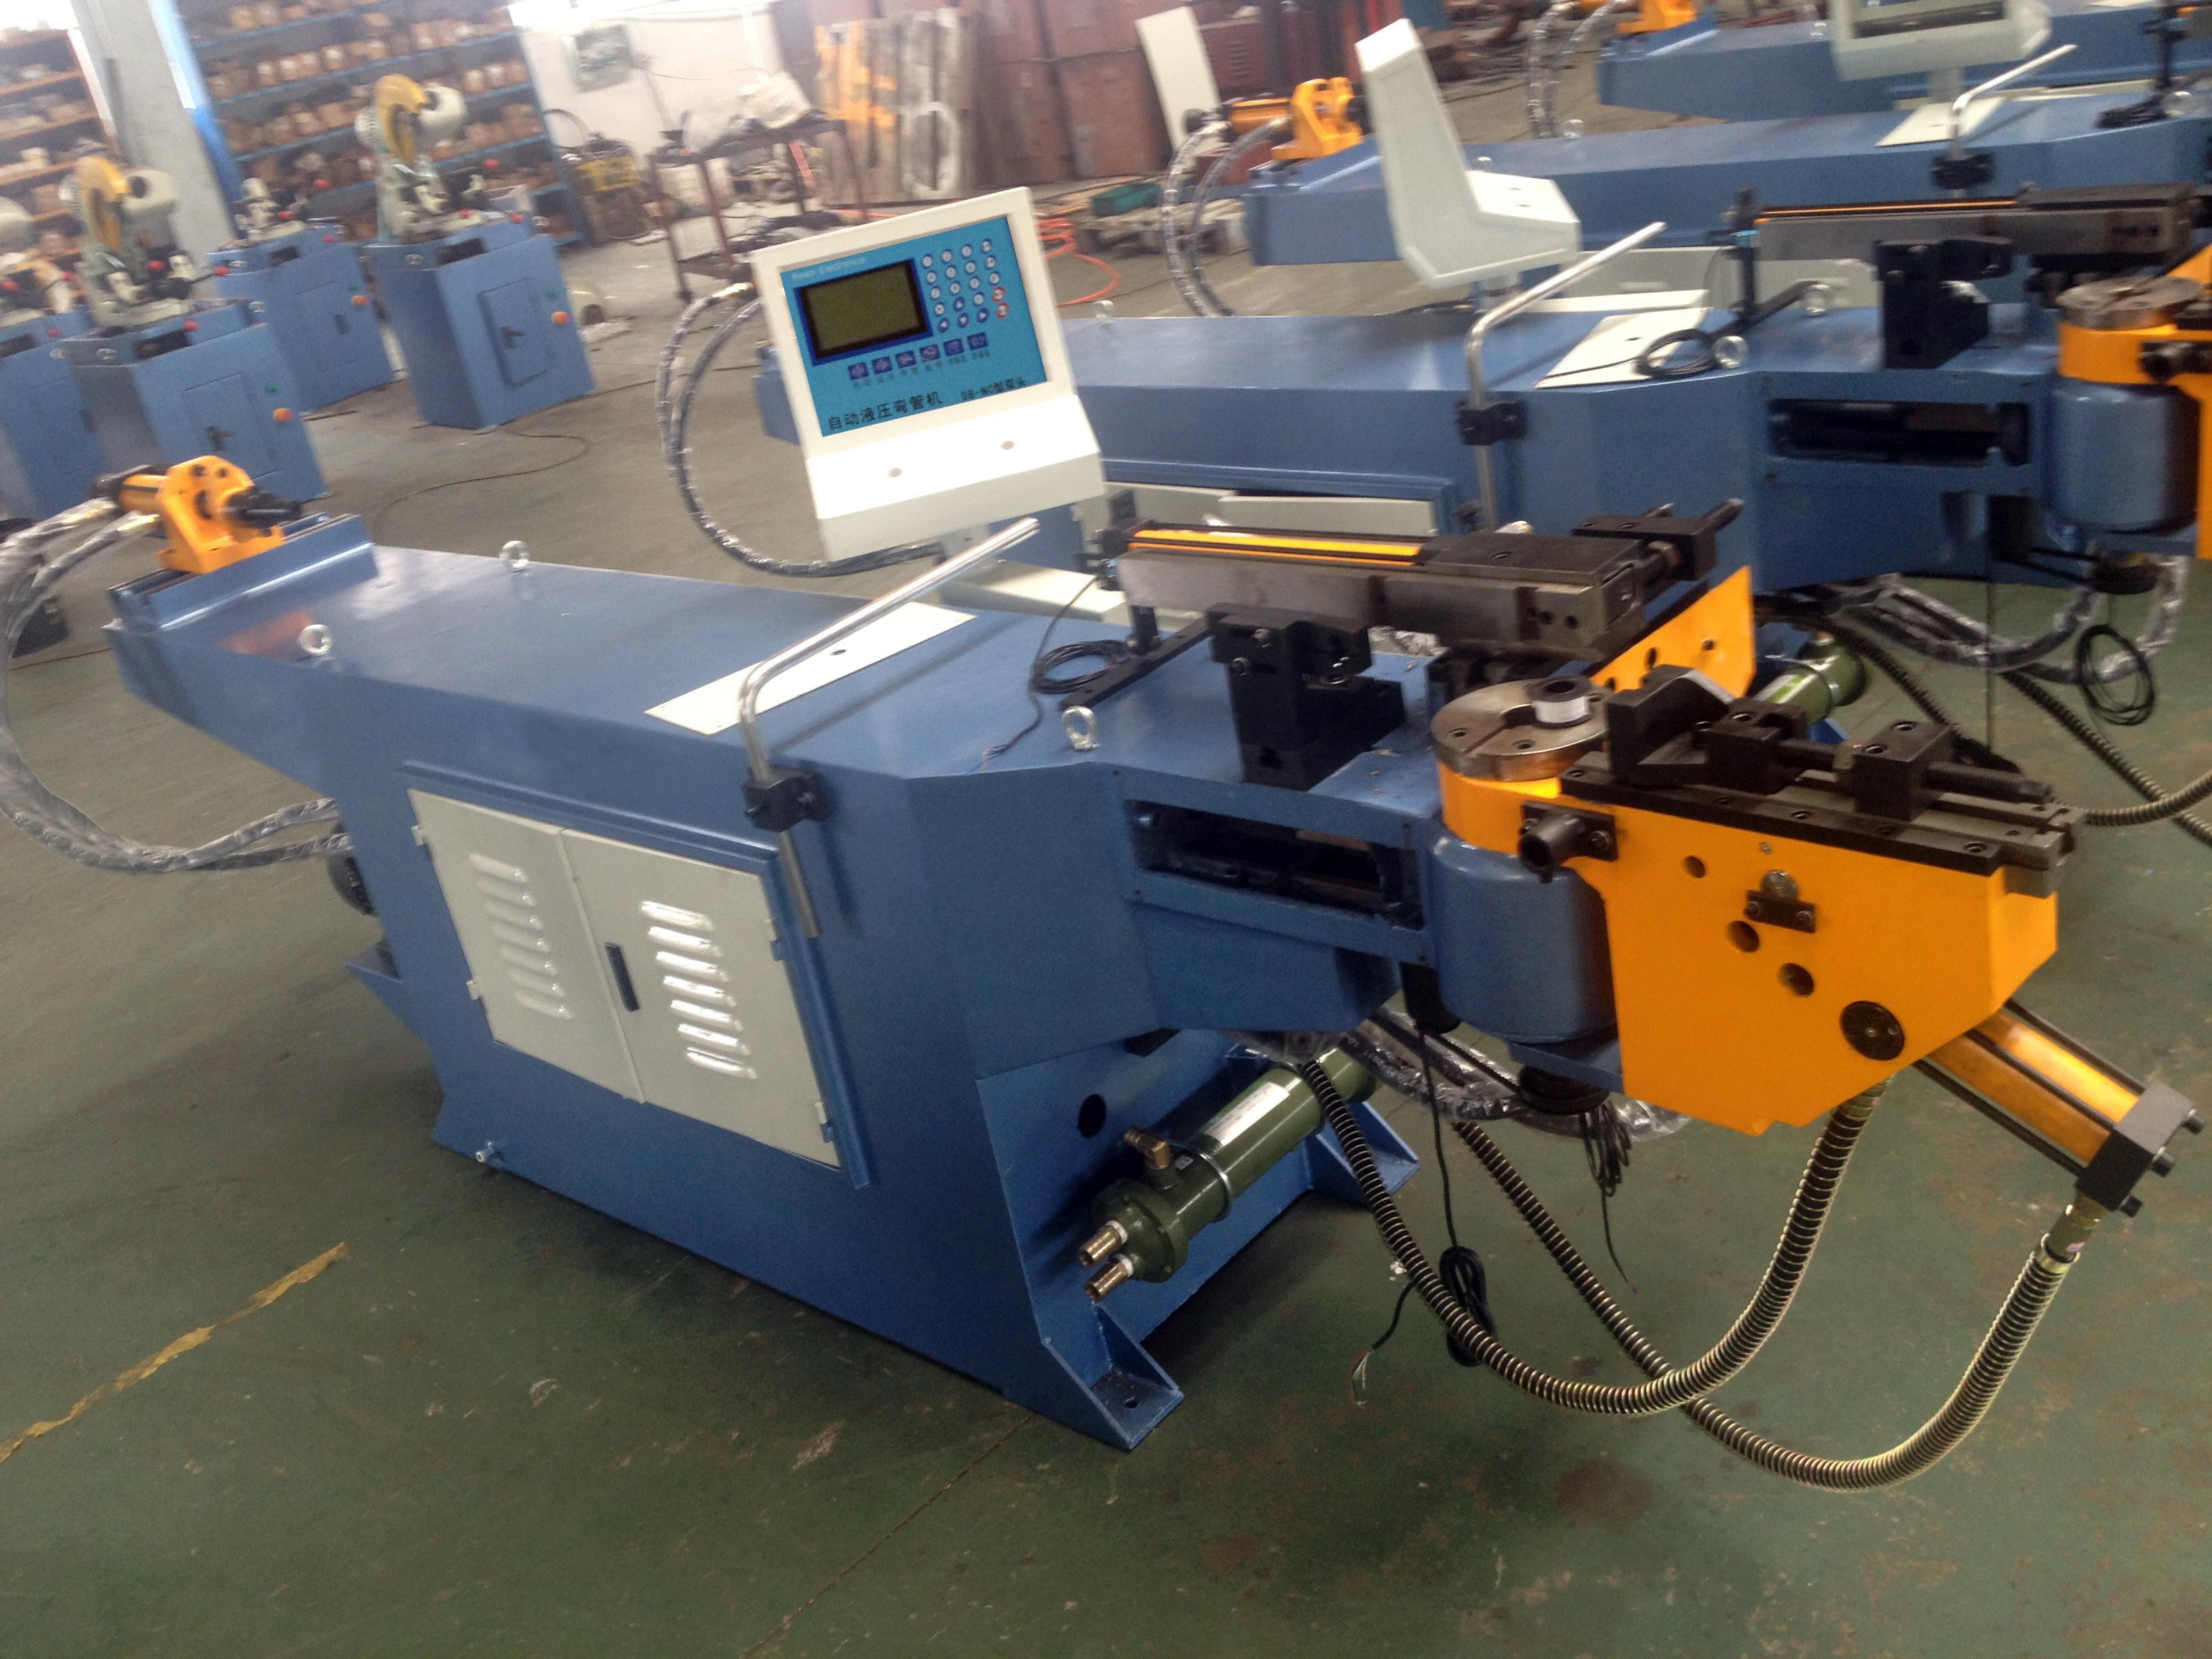 آلة ثني الأنبوب CNC آلة ثني الأنبوب الصلب